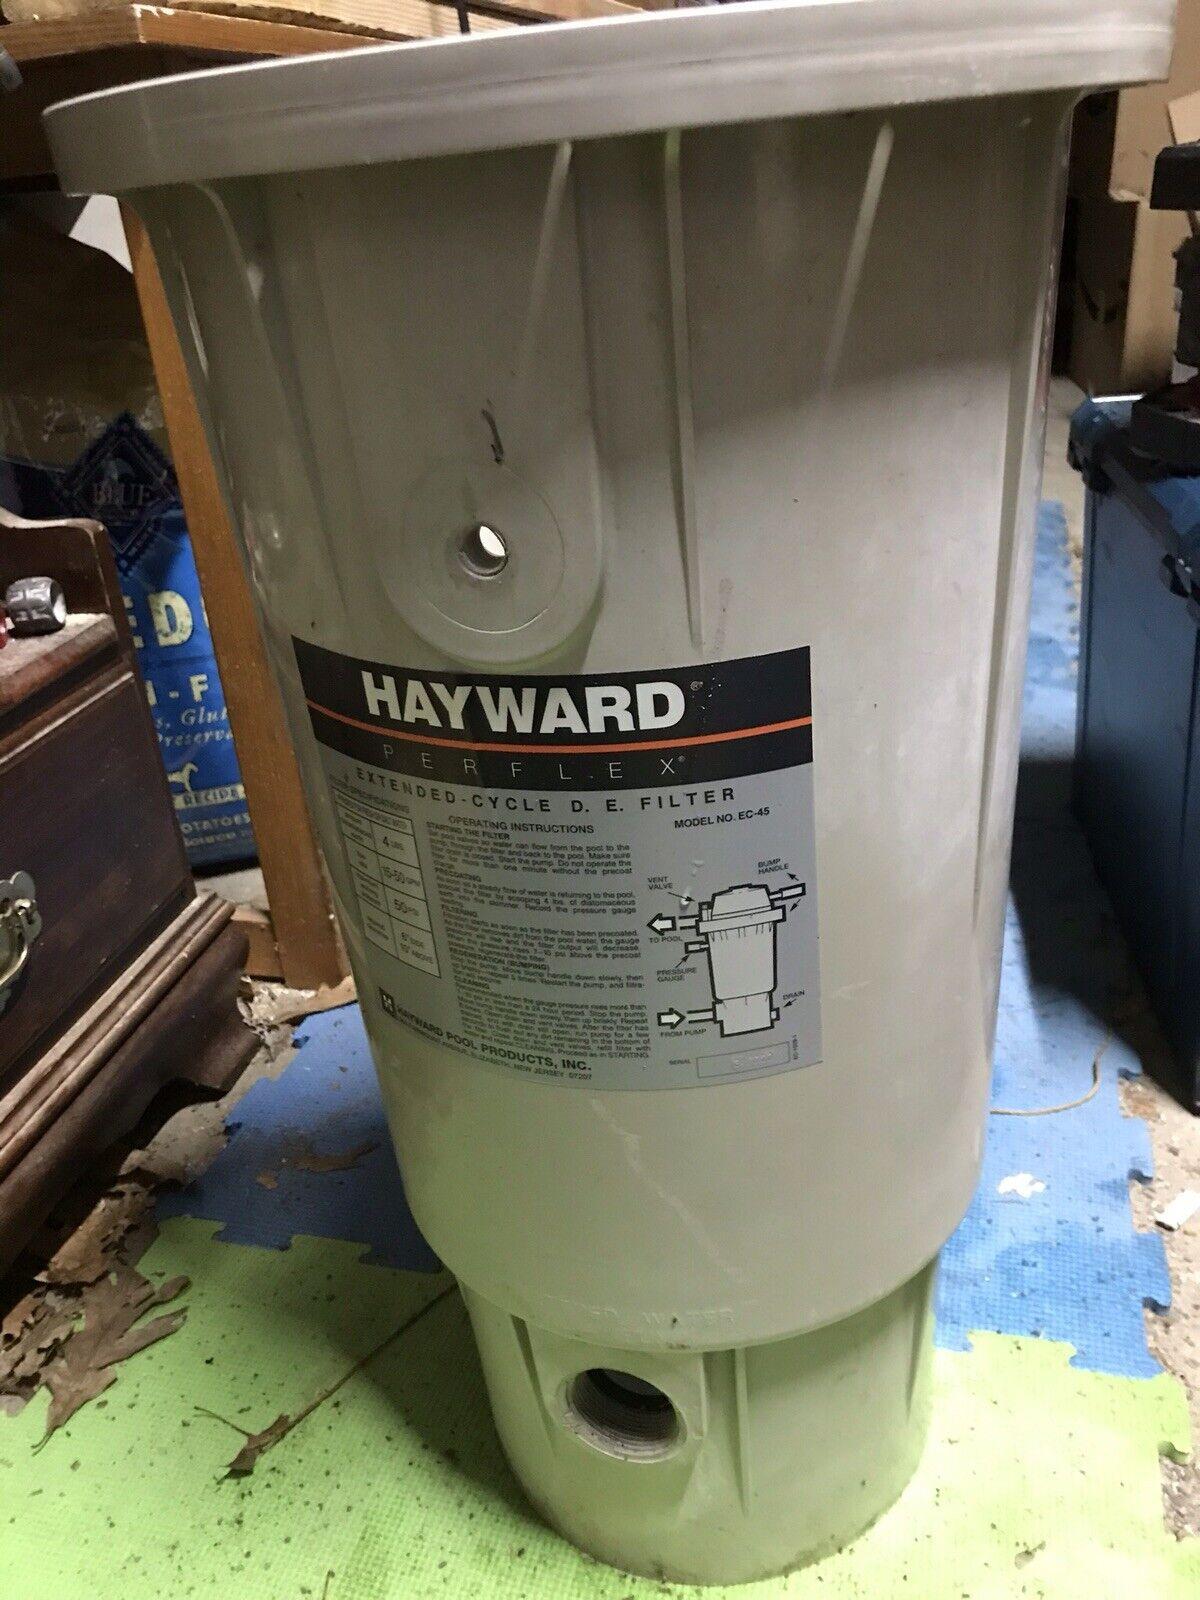 Sistema de filtración de ciclo Hayward Perflex, EC45